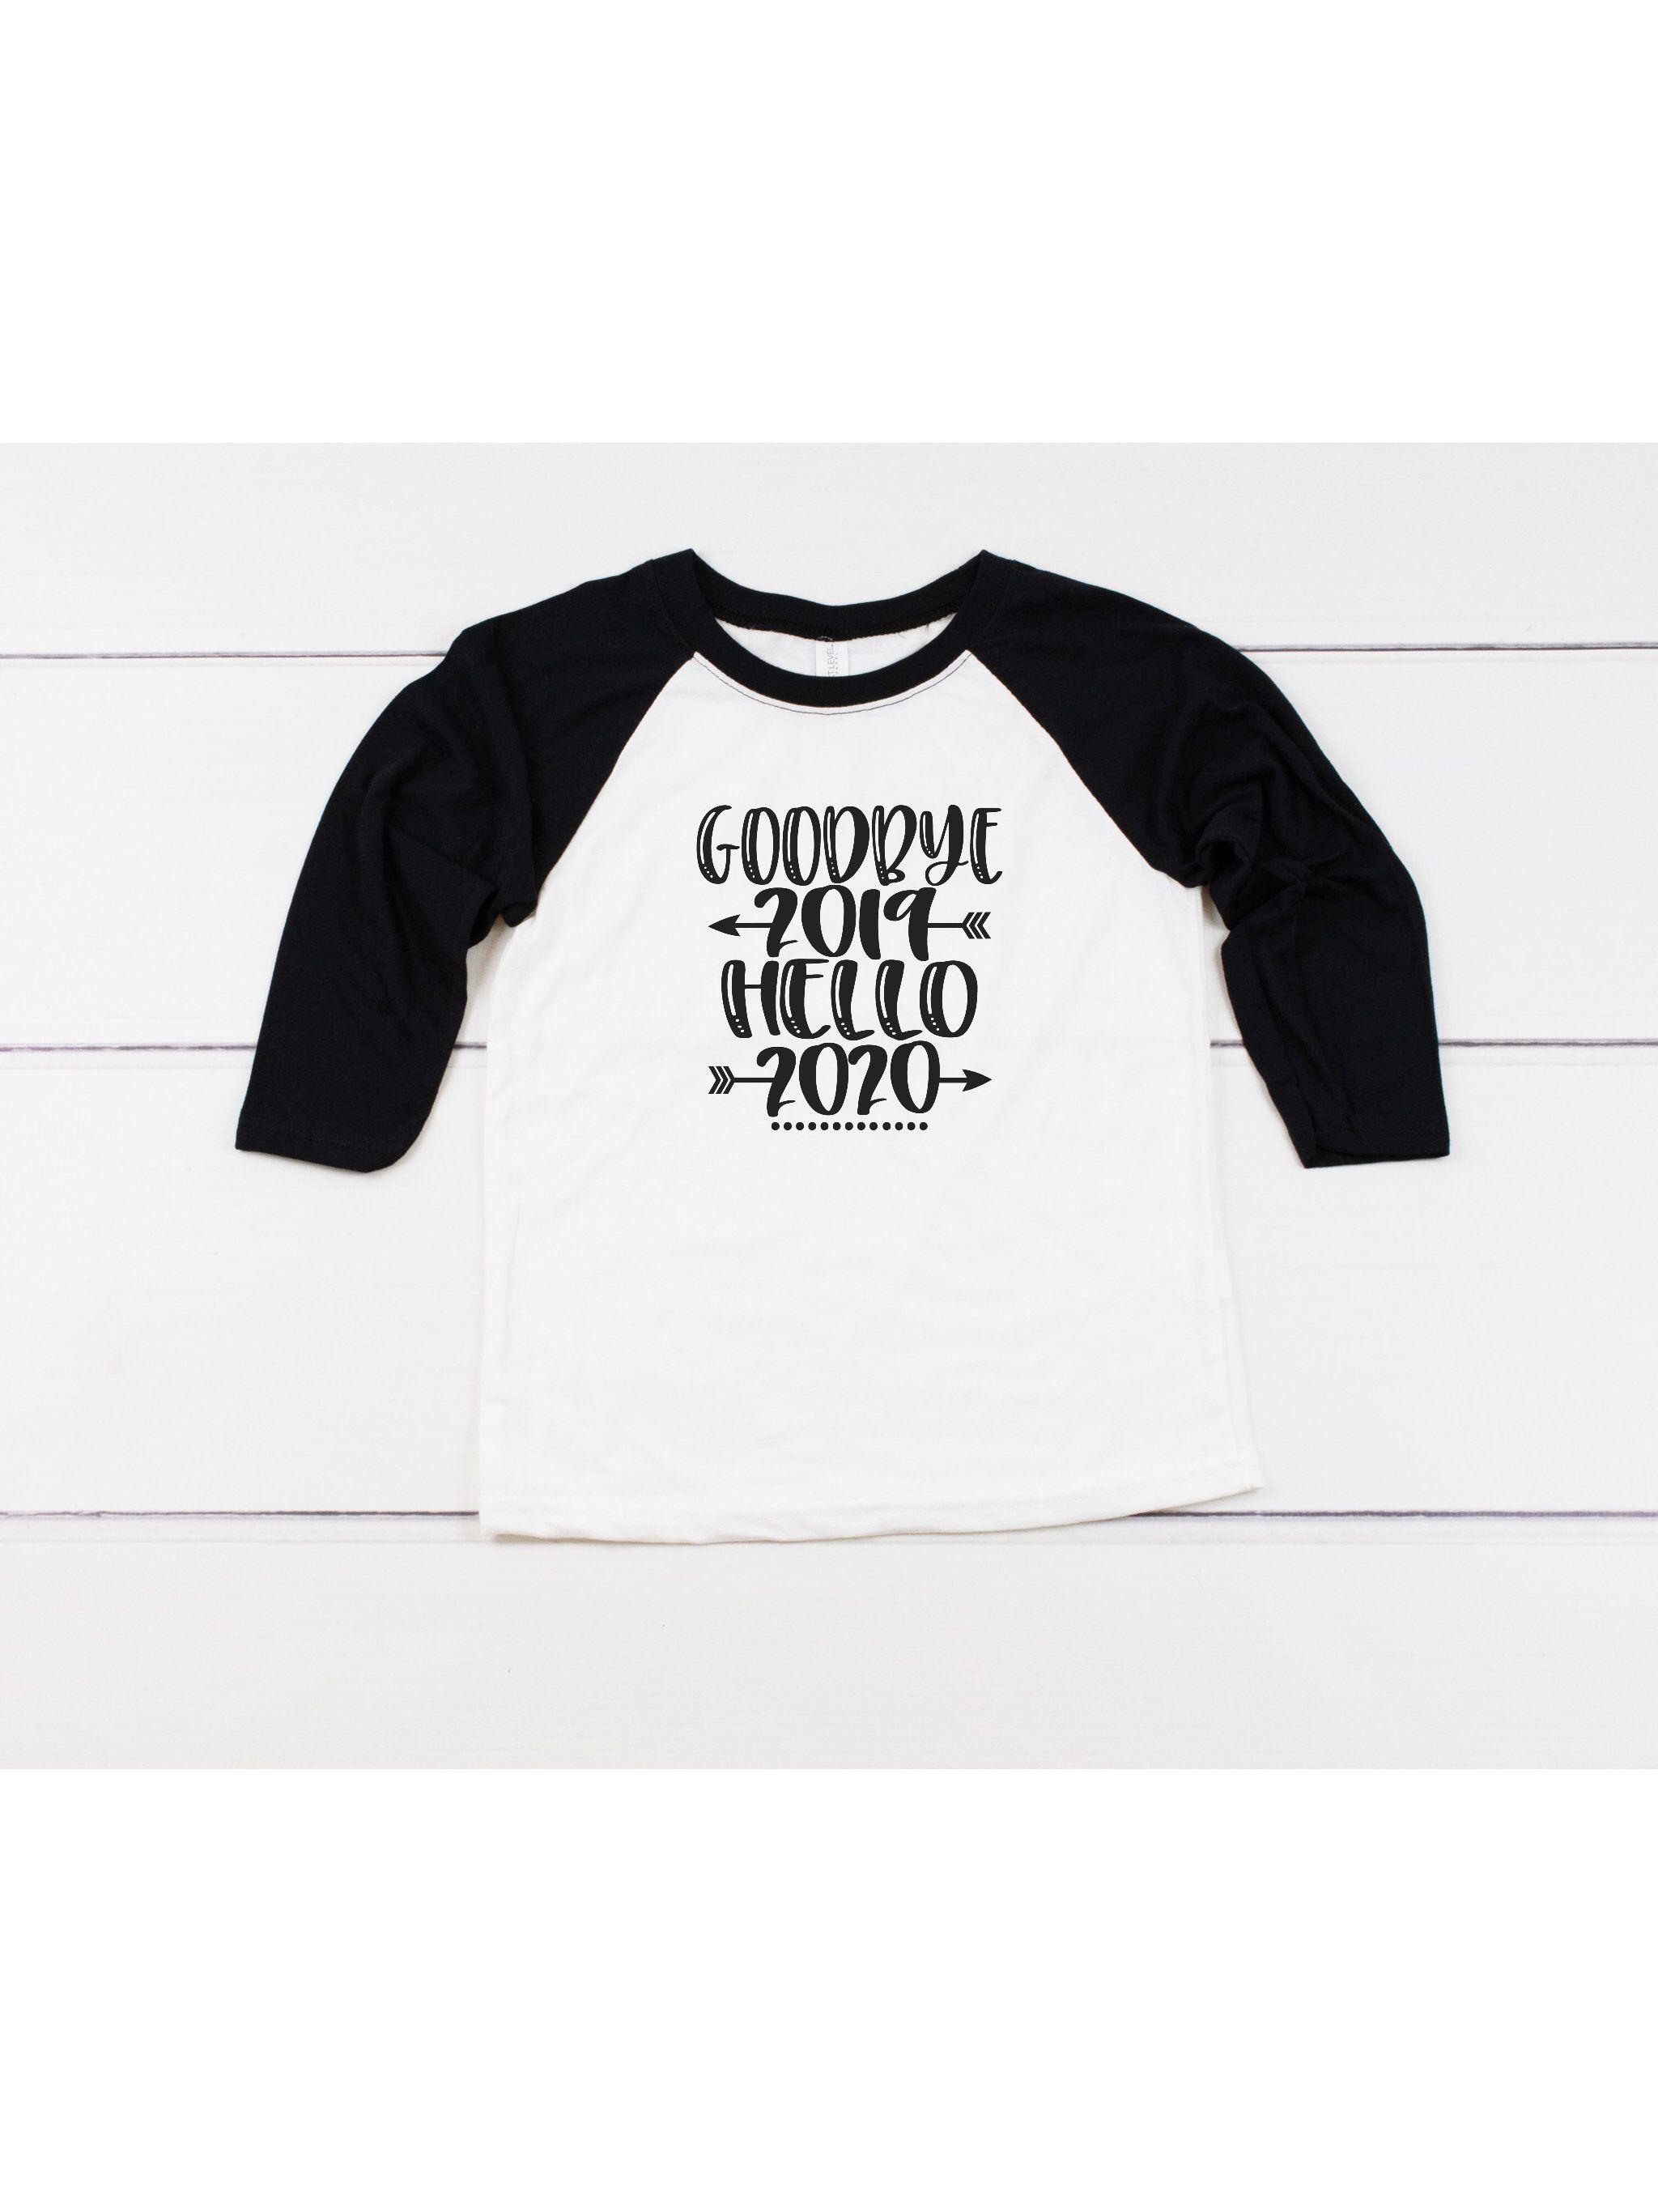 Kid's Goodbye 2019 Hello 2020 Shirt, Kid's New Year Shirt